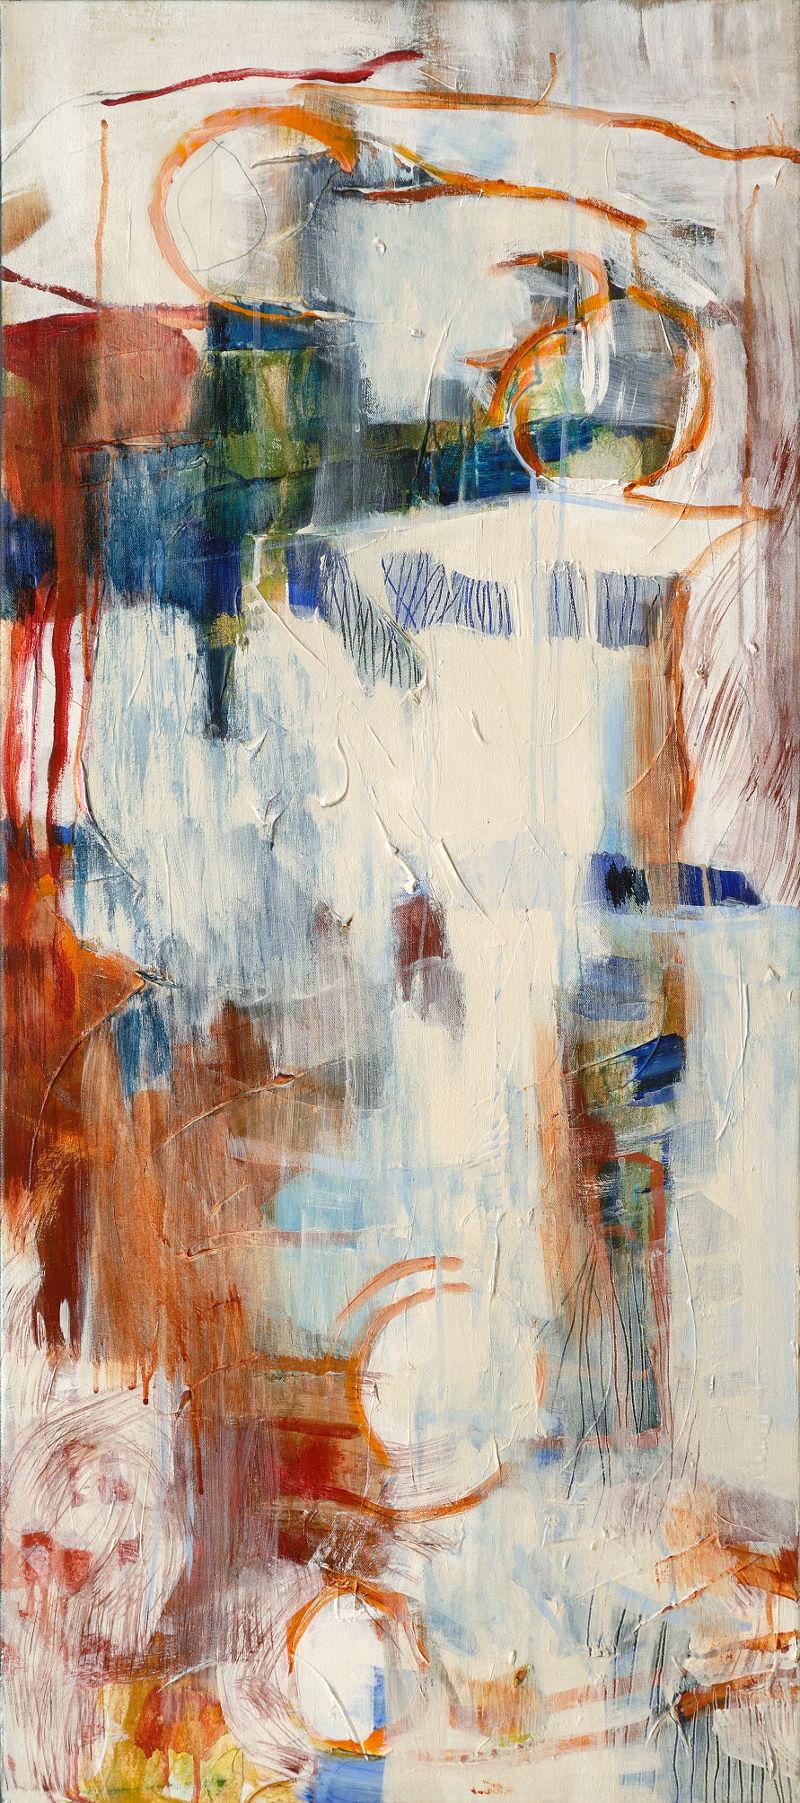 Blanc et lignes orange 1, 2006